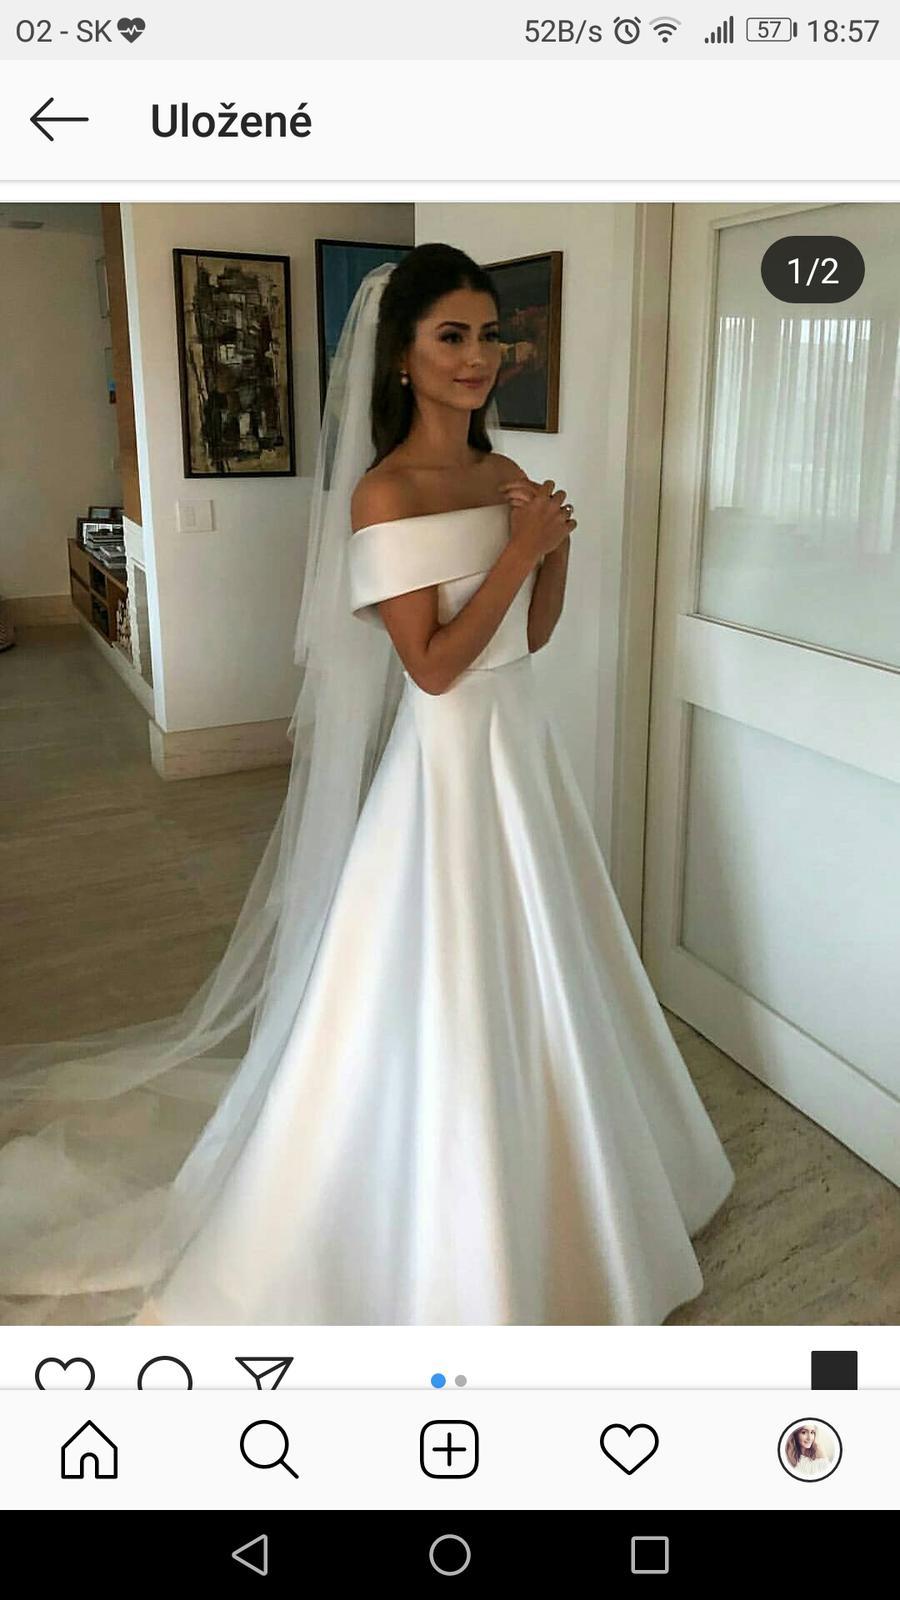 Svadobné šaty výpredaj vs. svadobný veľtrh  - - S... f479eeddc4b